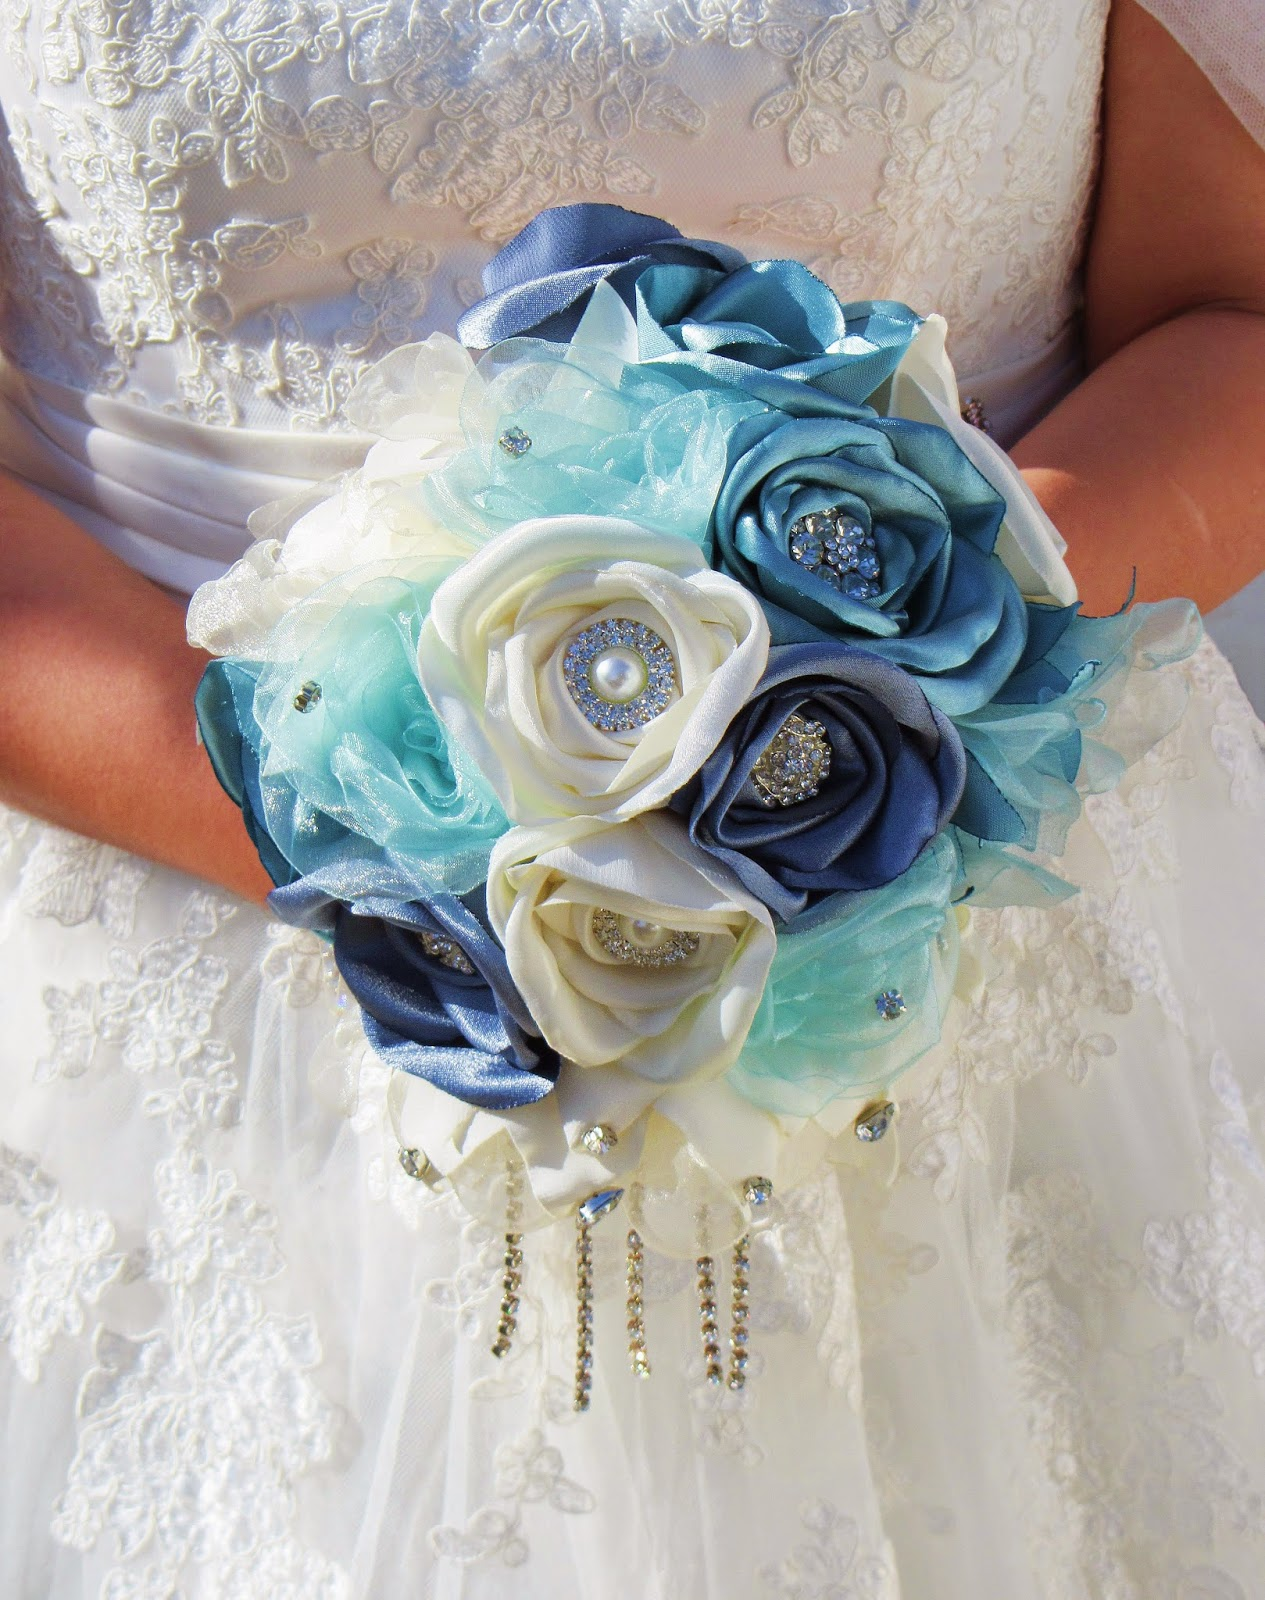 bouquet de flores em tecido com broches